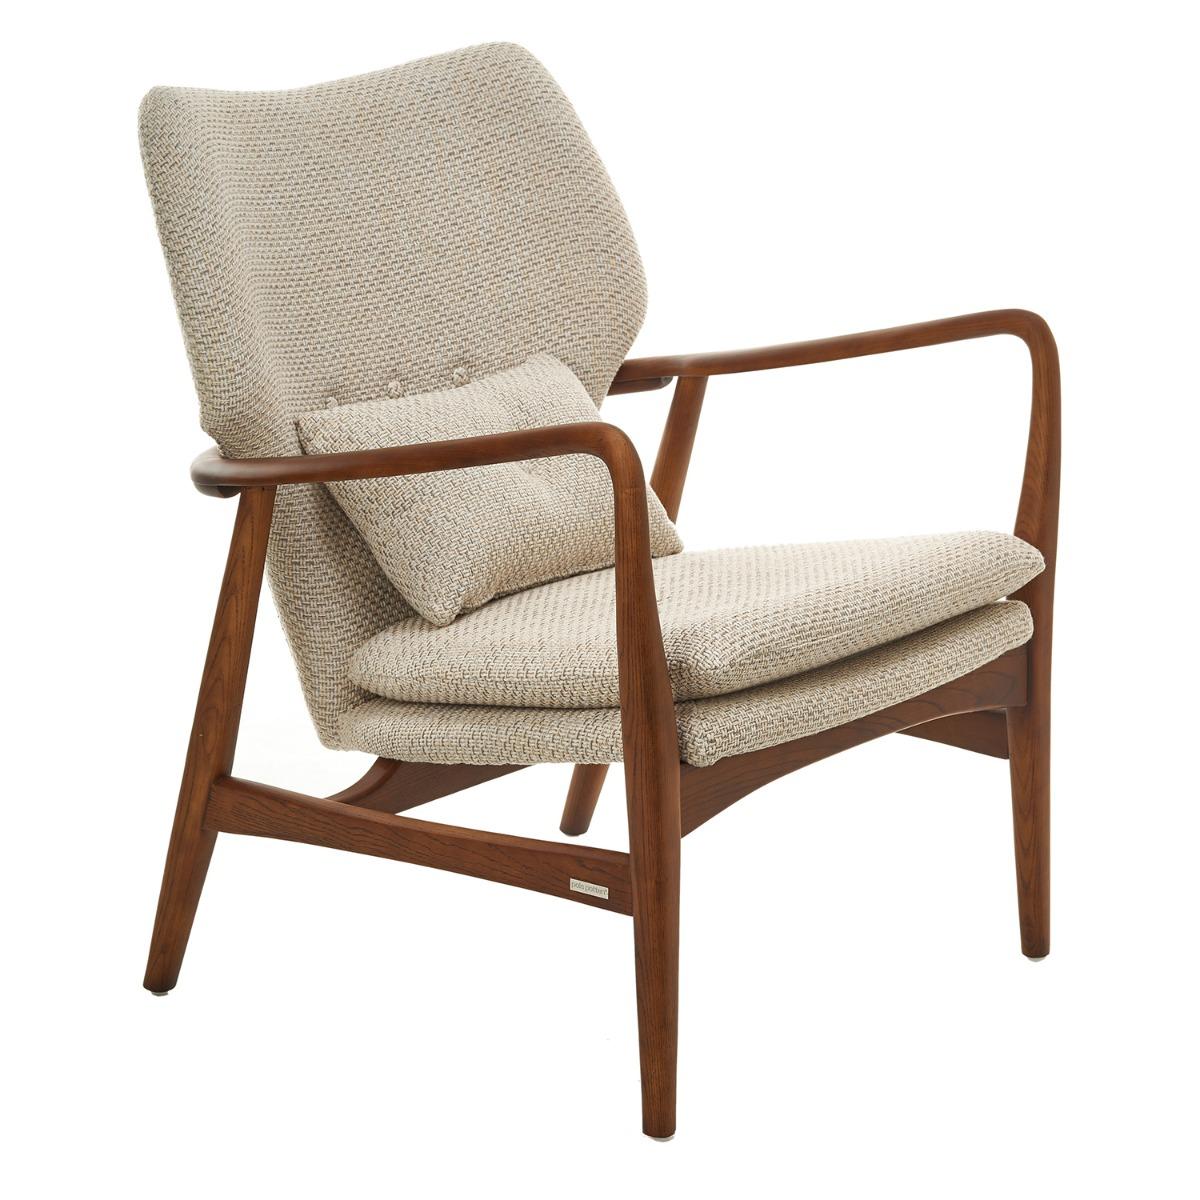 Peggy fauteuil Pols Potten - Ecru